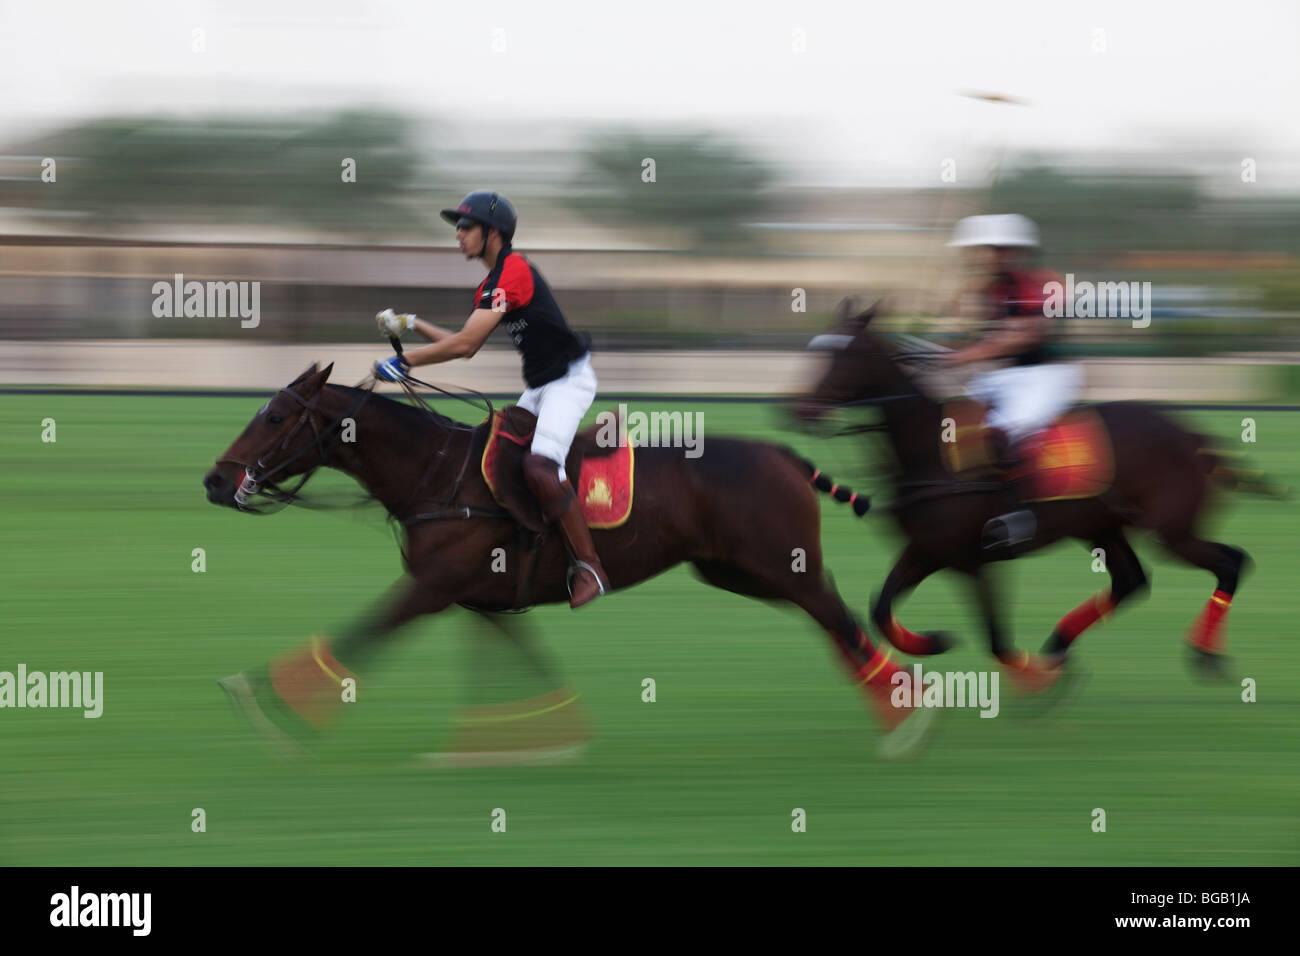 Polo Match at Habtoor Polo Club, Dubai, United Arabian Emirates - Stock Image